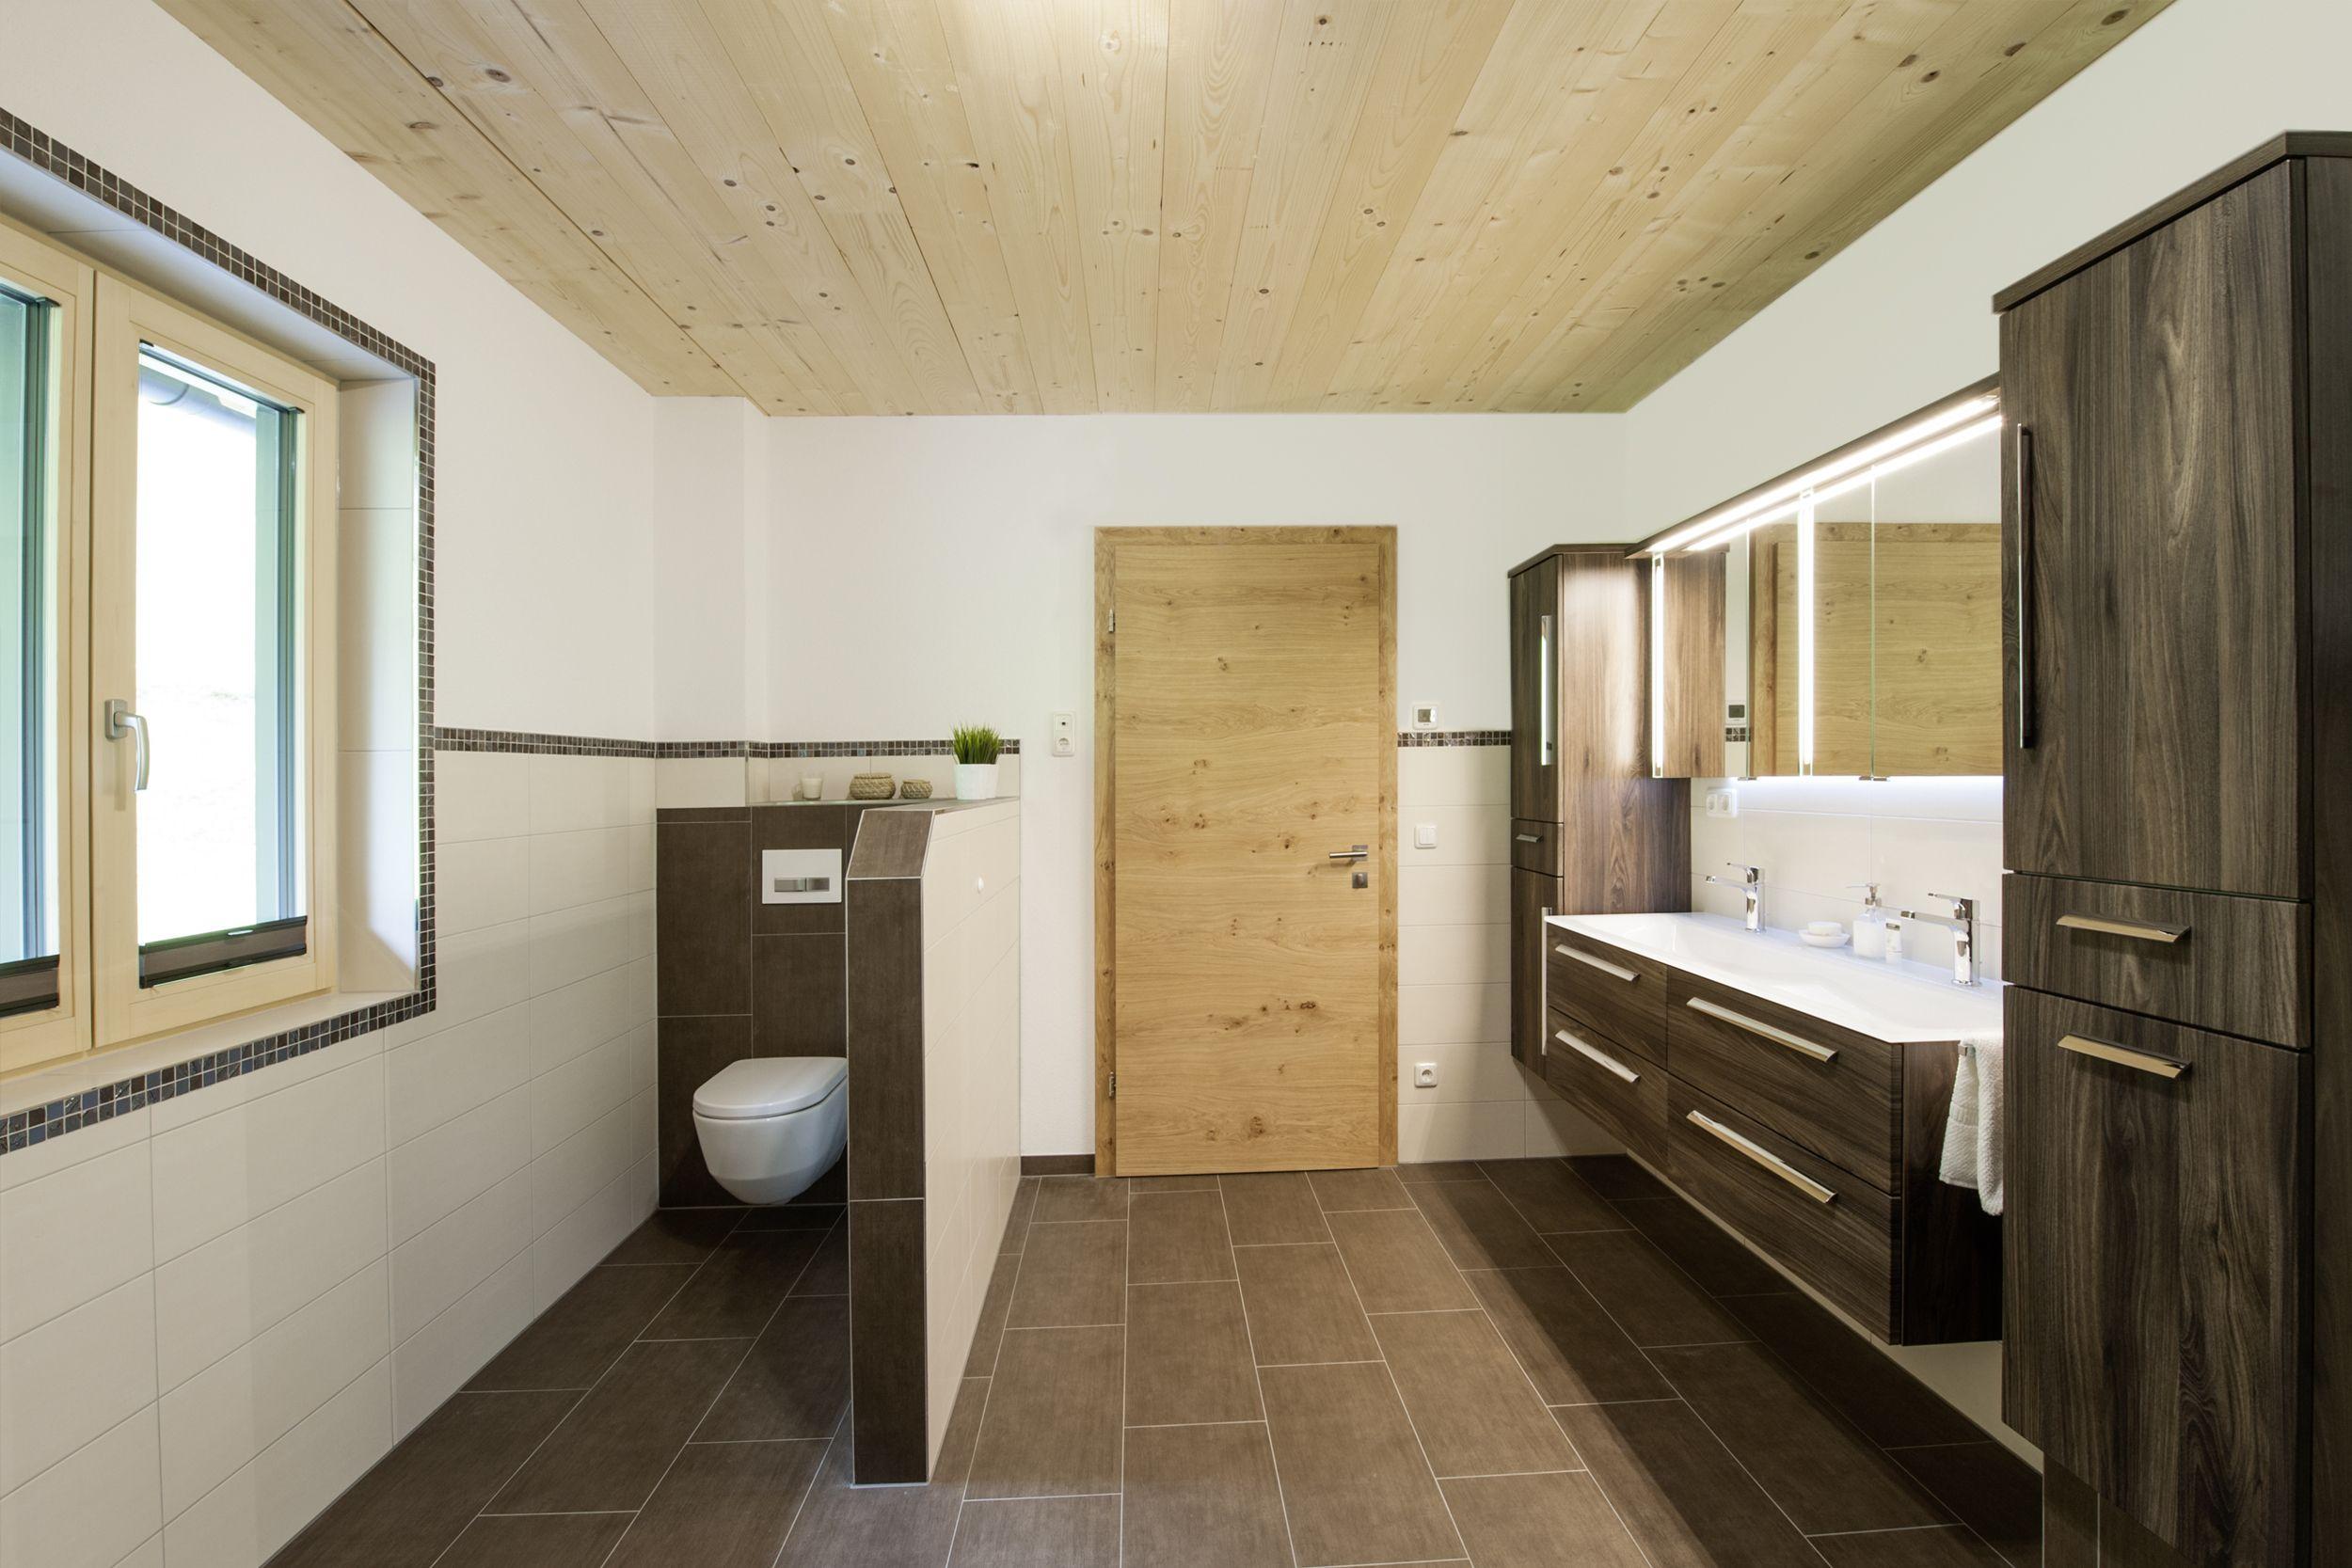 16 M Komplettbad Vom Hsh Installator Modernisierung Begehbare Dusche Holzdecke Bad